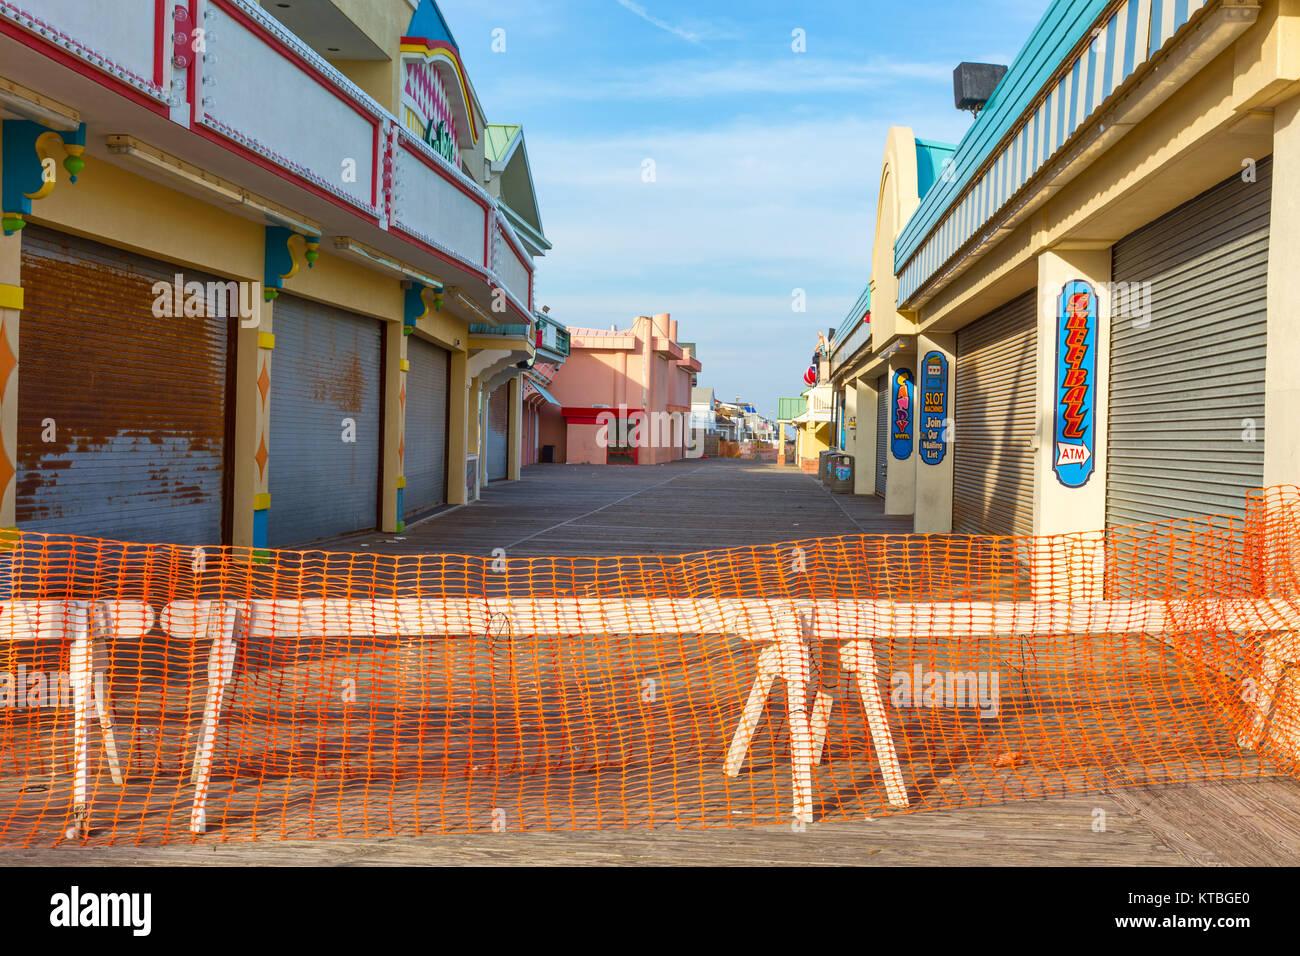 La plage de Point Pleasant, New Jersey boardwalk endommagés après l'Ouragan Sandy Photo Stock